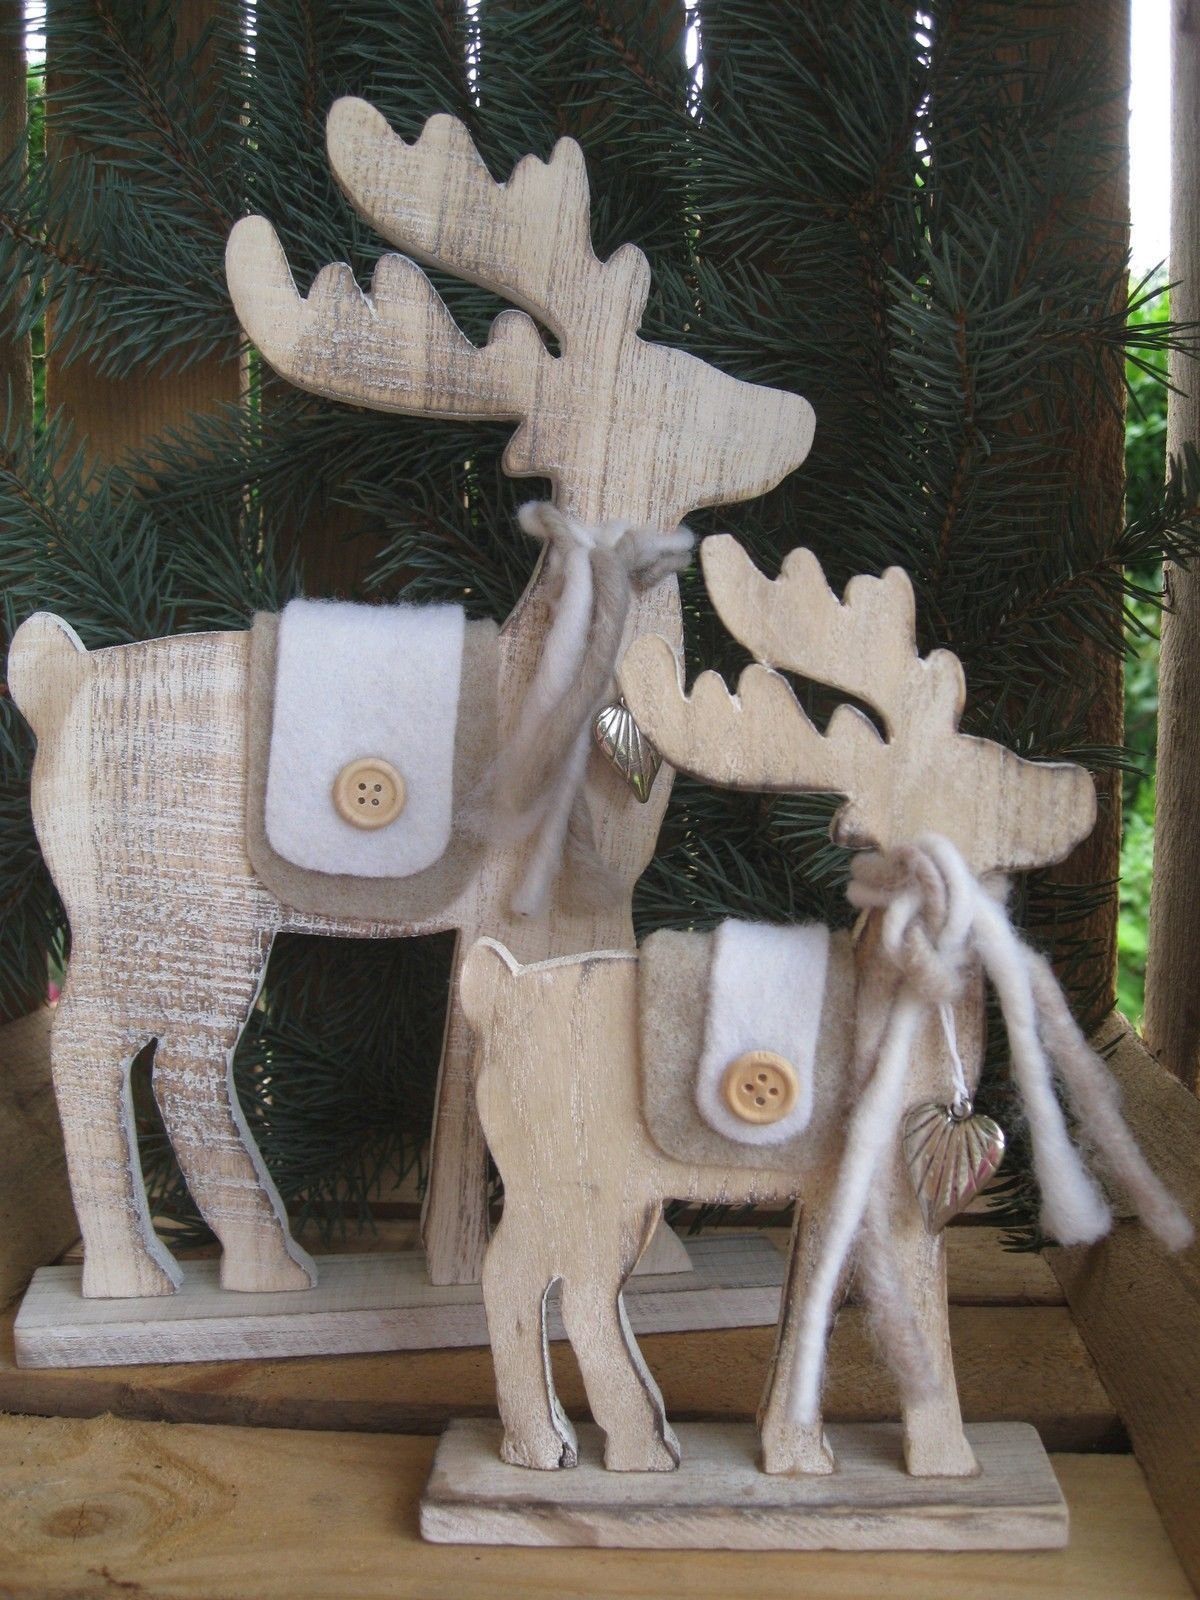 Weihnachtsdeko Aus Holz Vorlagen : gro er elch aus holz mit filzdeko u herz rentier weihnachten deko shabby hirsch eur 14 ~ Watch28wear.com Haus und Dekorationen